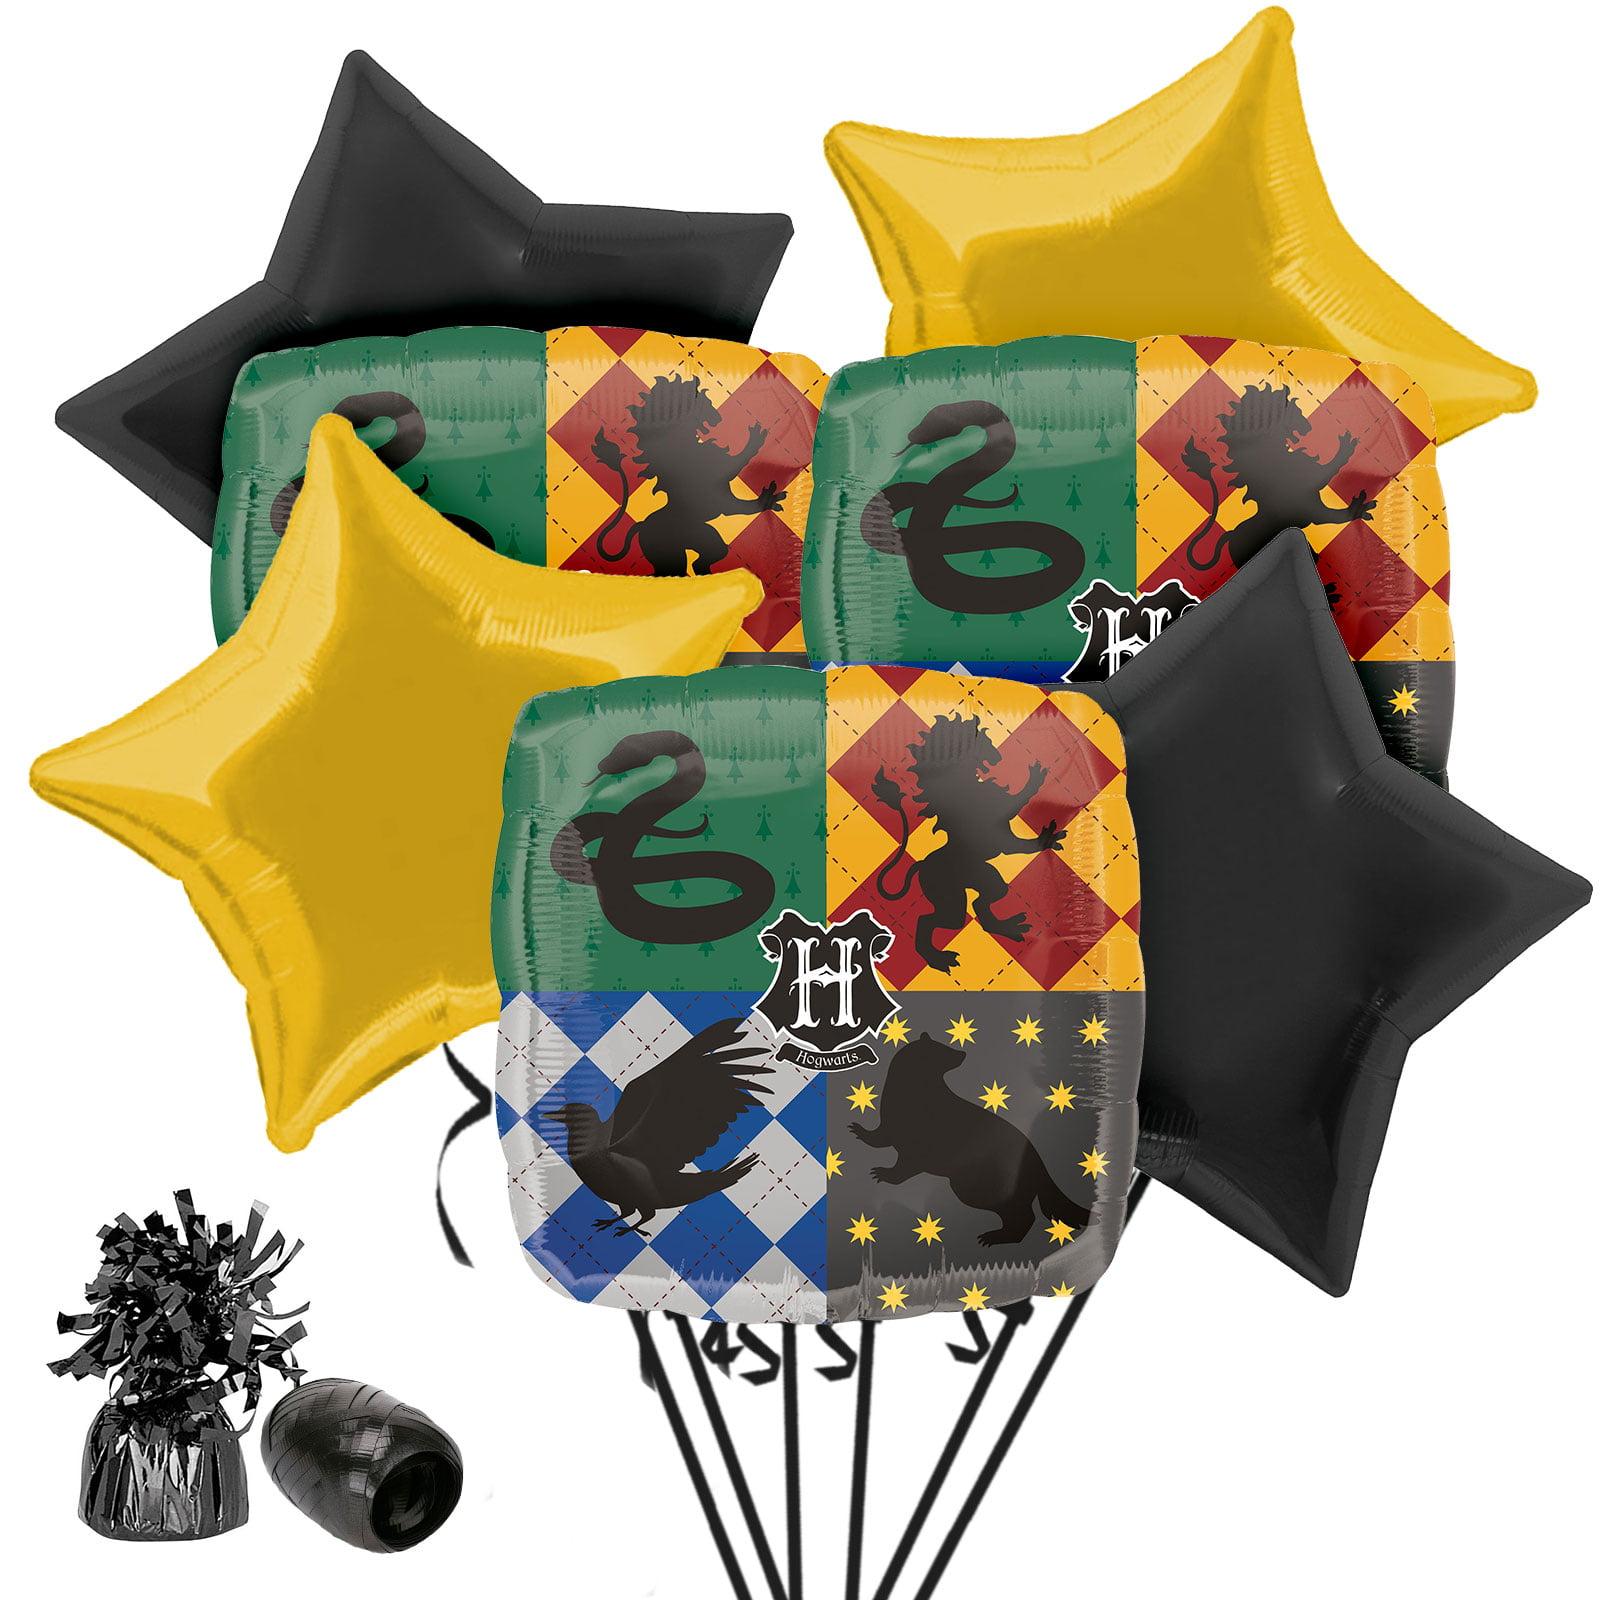 Harry Potter Balloon Bouquet Kit